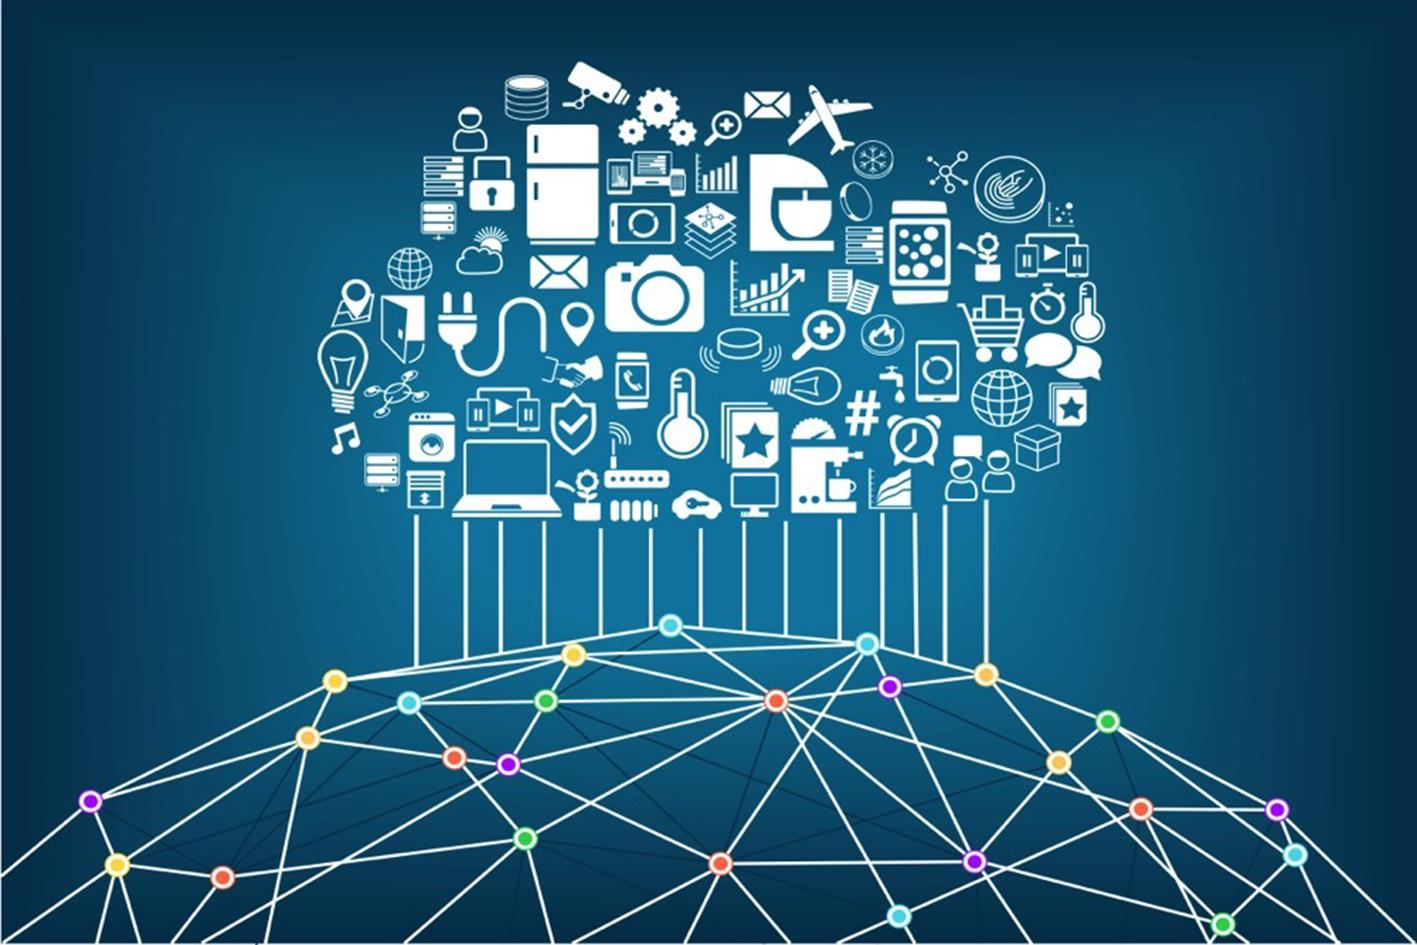 An ninh cho IoT cần được quan tâm, đầu tư nhiều hơn.